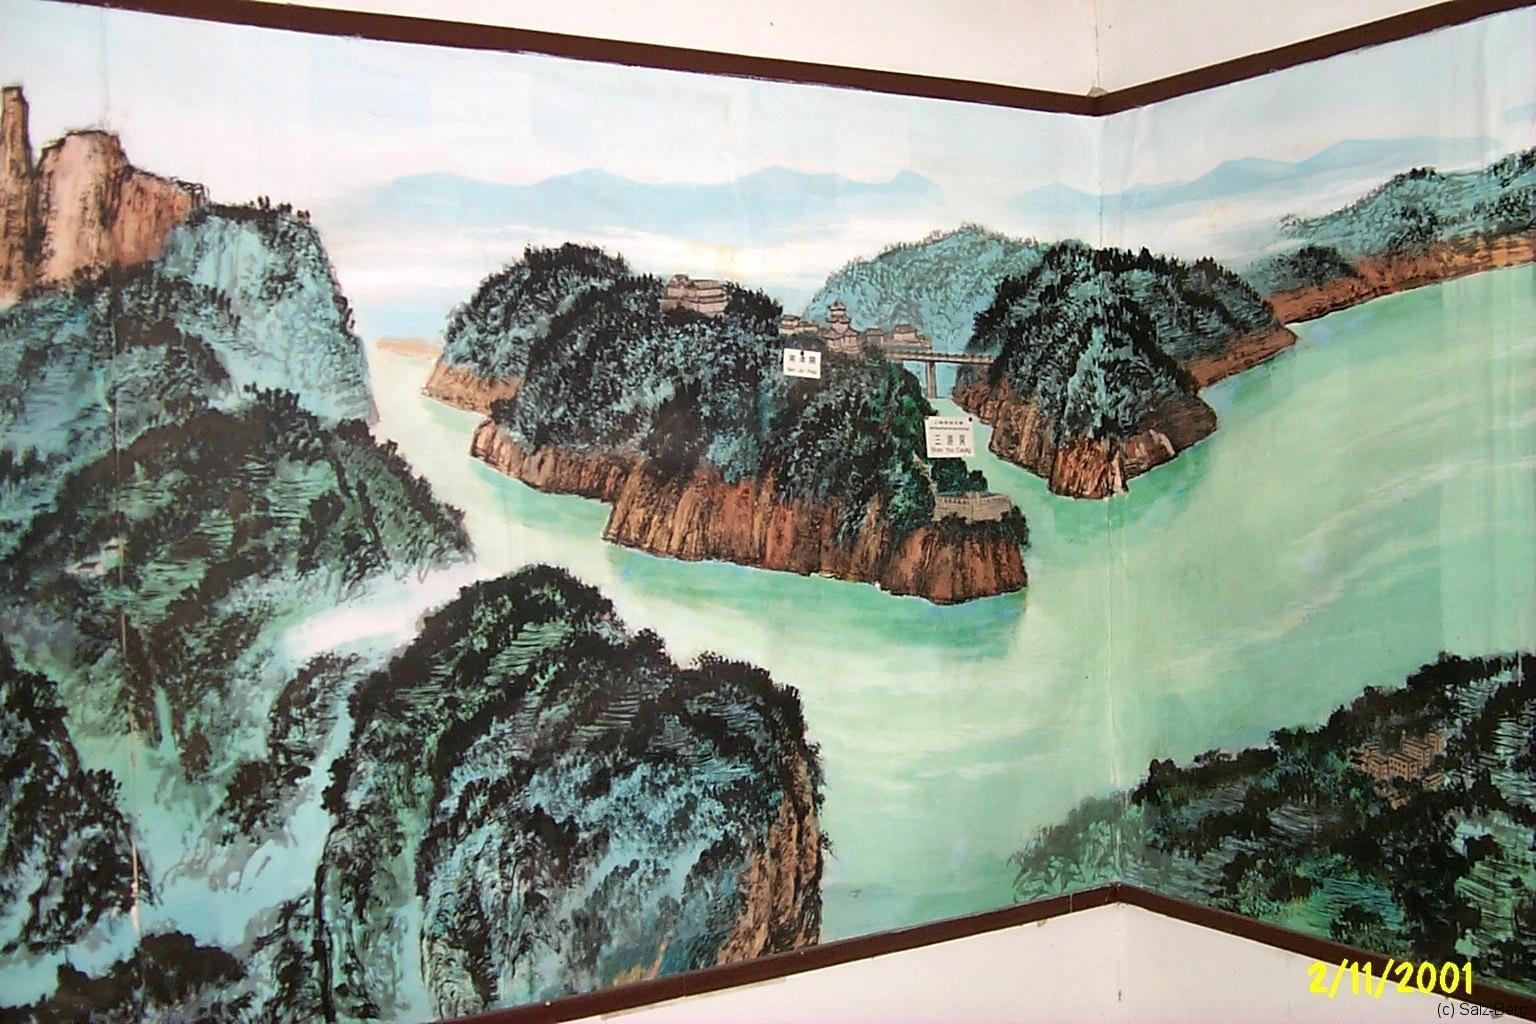 China3_Chongqing_4121